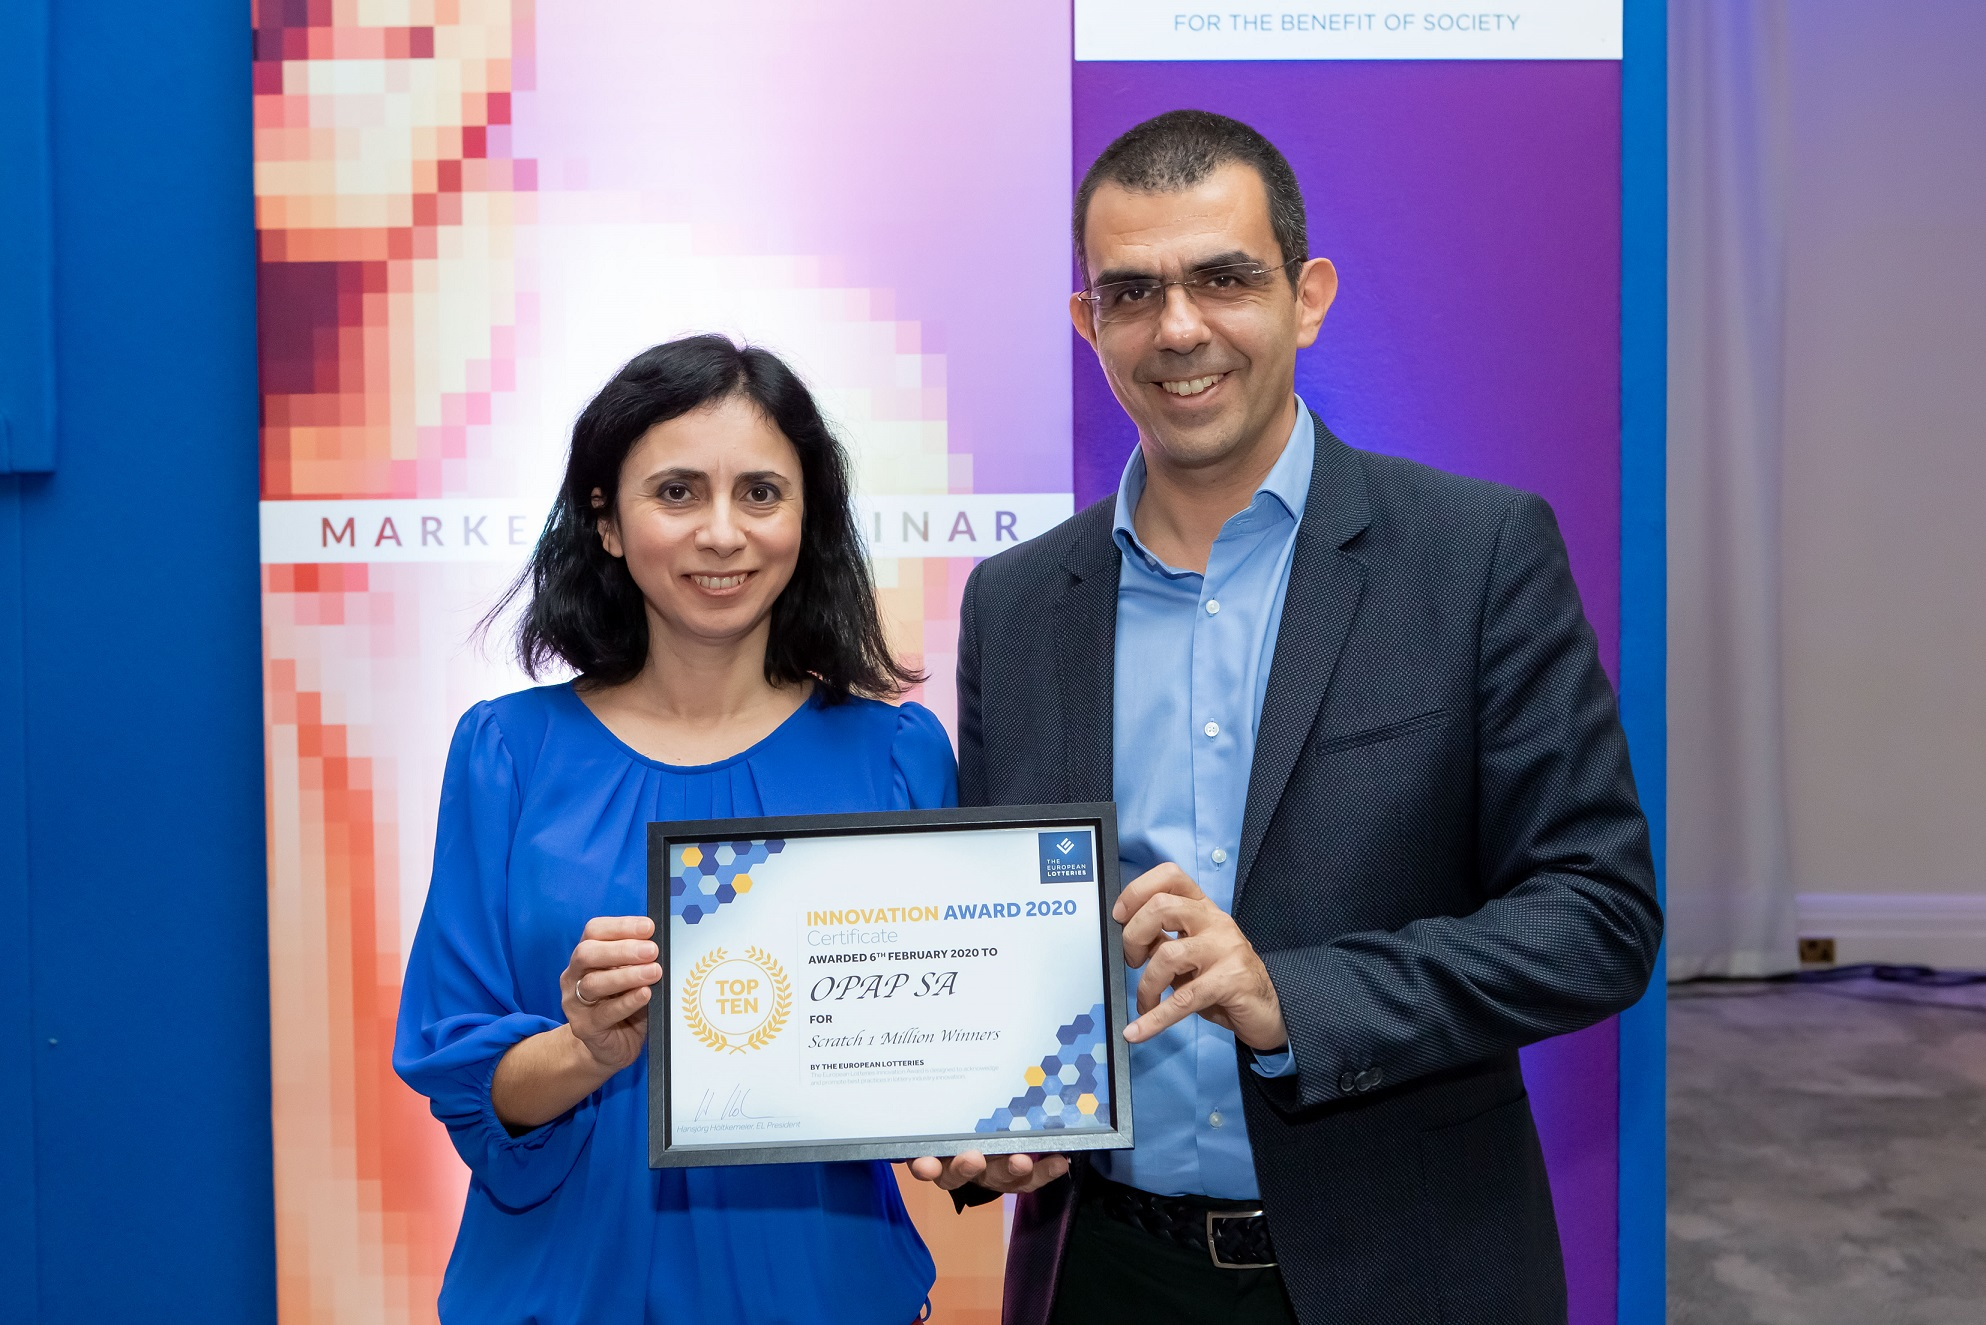 Άσπα Τοπαλίδου, Hellenic Lotteries Director και Φώτης Ζησιμόπουλος, Gaming Team Director του ΟΠΑΠ